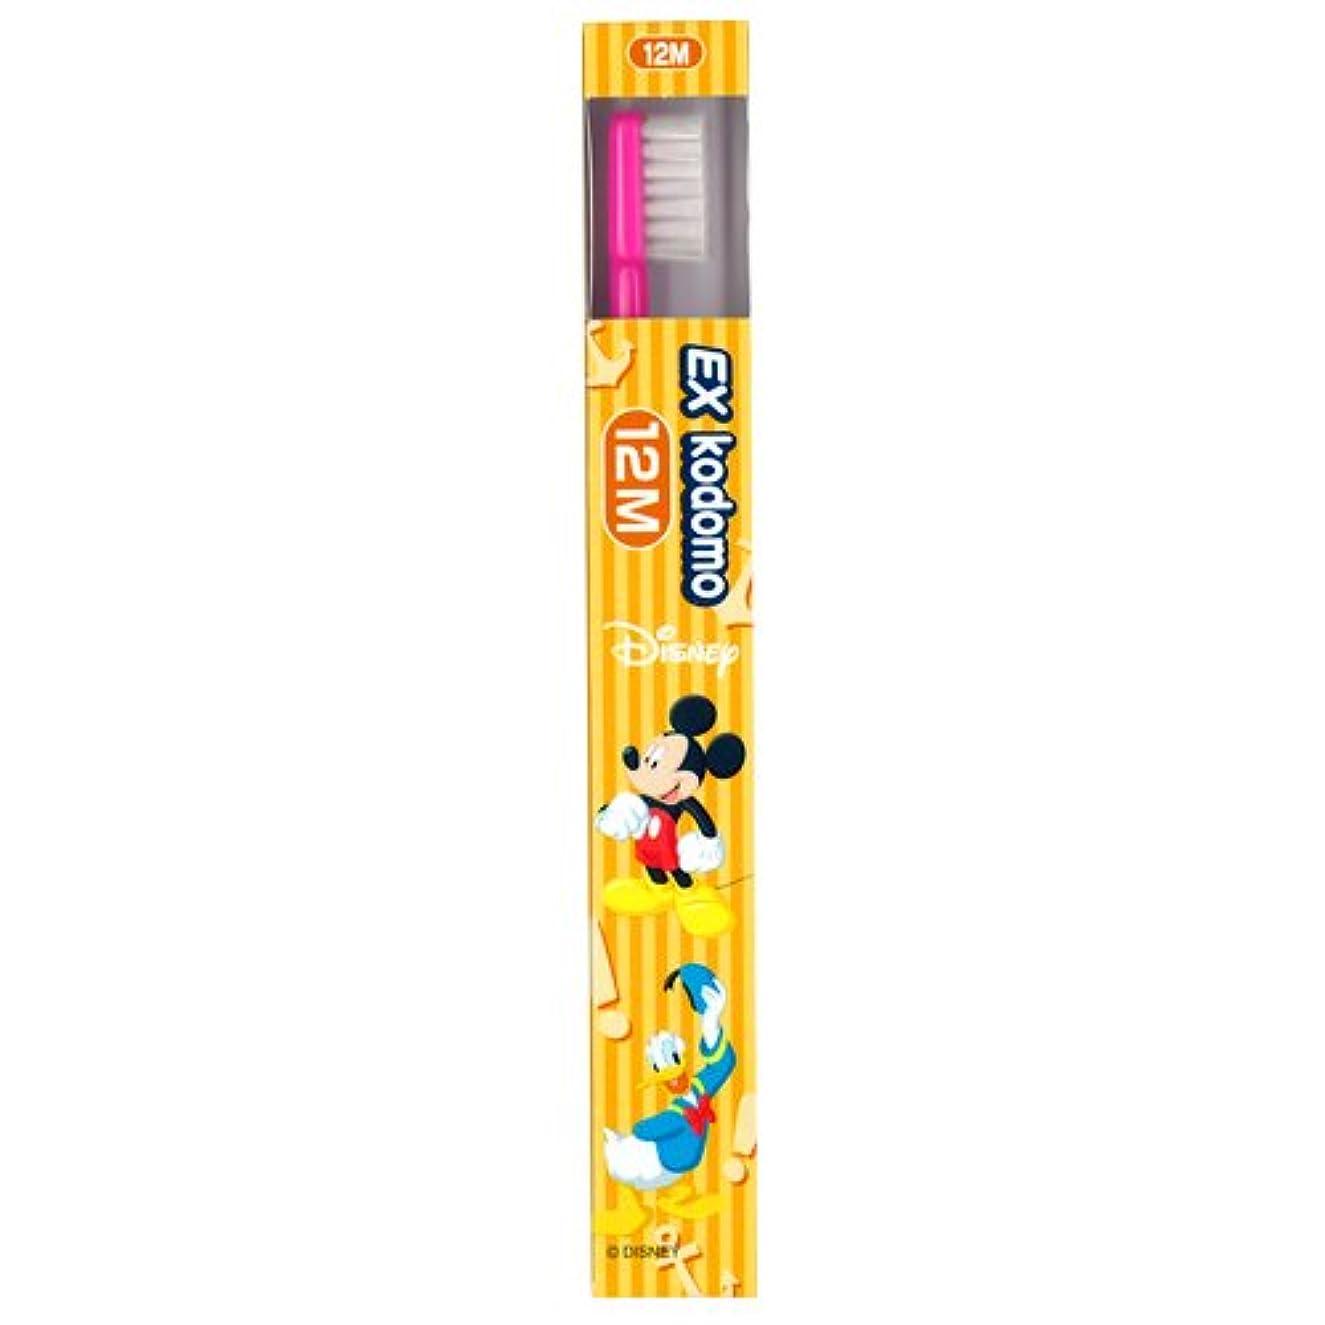 驚き珍しい不機嫌そうなライオン EX kodomo ディズニー 歯ブラシ 1本 12M ピンク